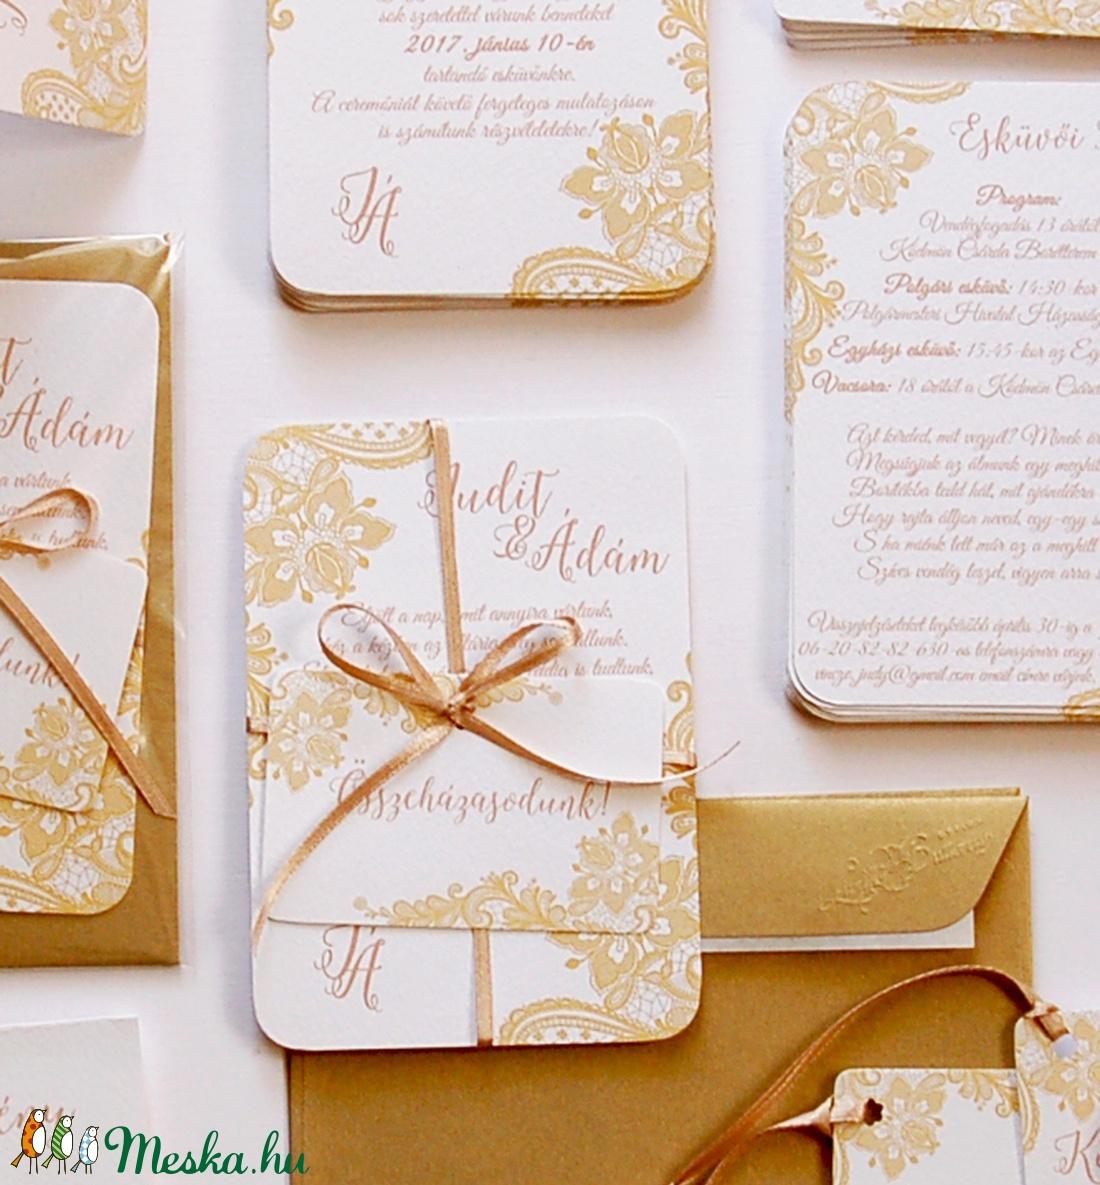 517a7bf624 Csipkés Esküvői meghívó szett 3 darabos+boírték, Elegáns meghívó, Vintage  Esküvő, Arany, Csipke meghívó, Romantikus